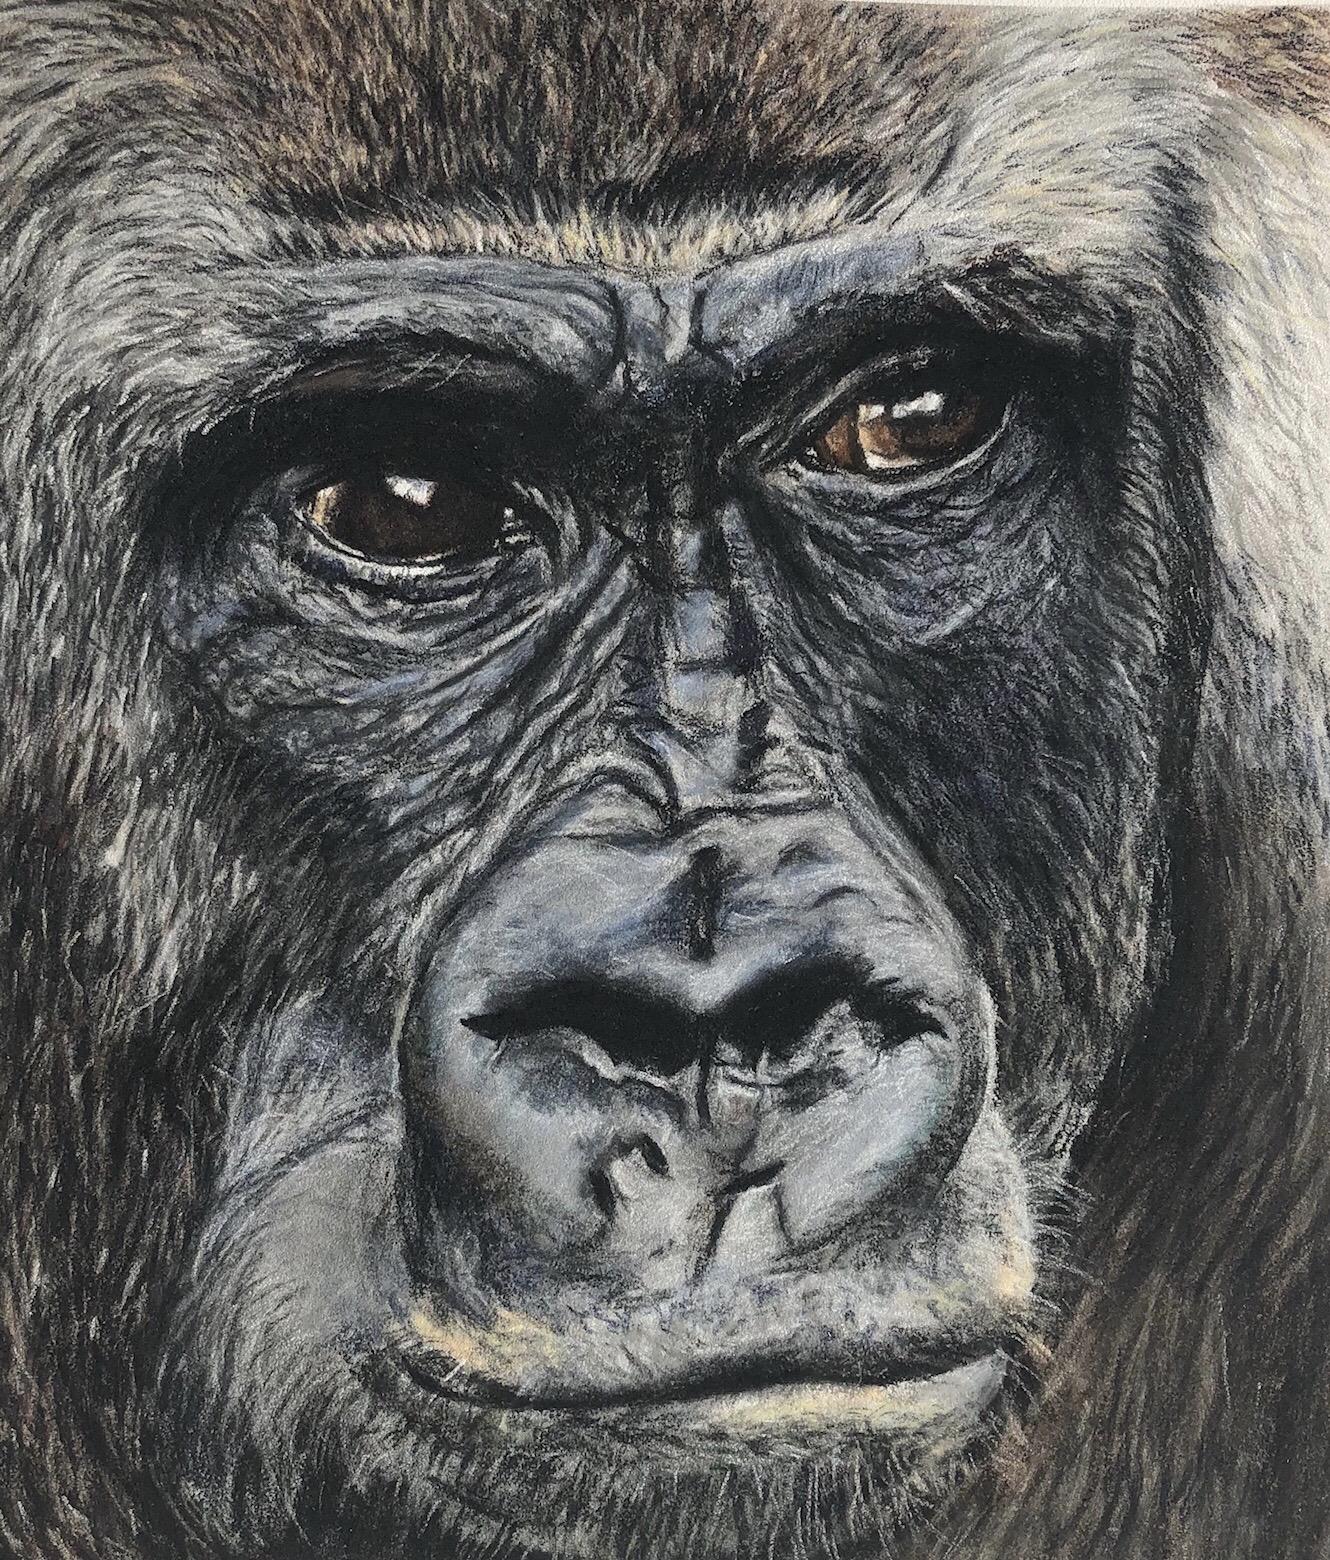 Daddy Gorilla